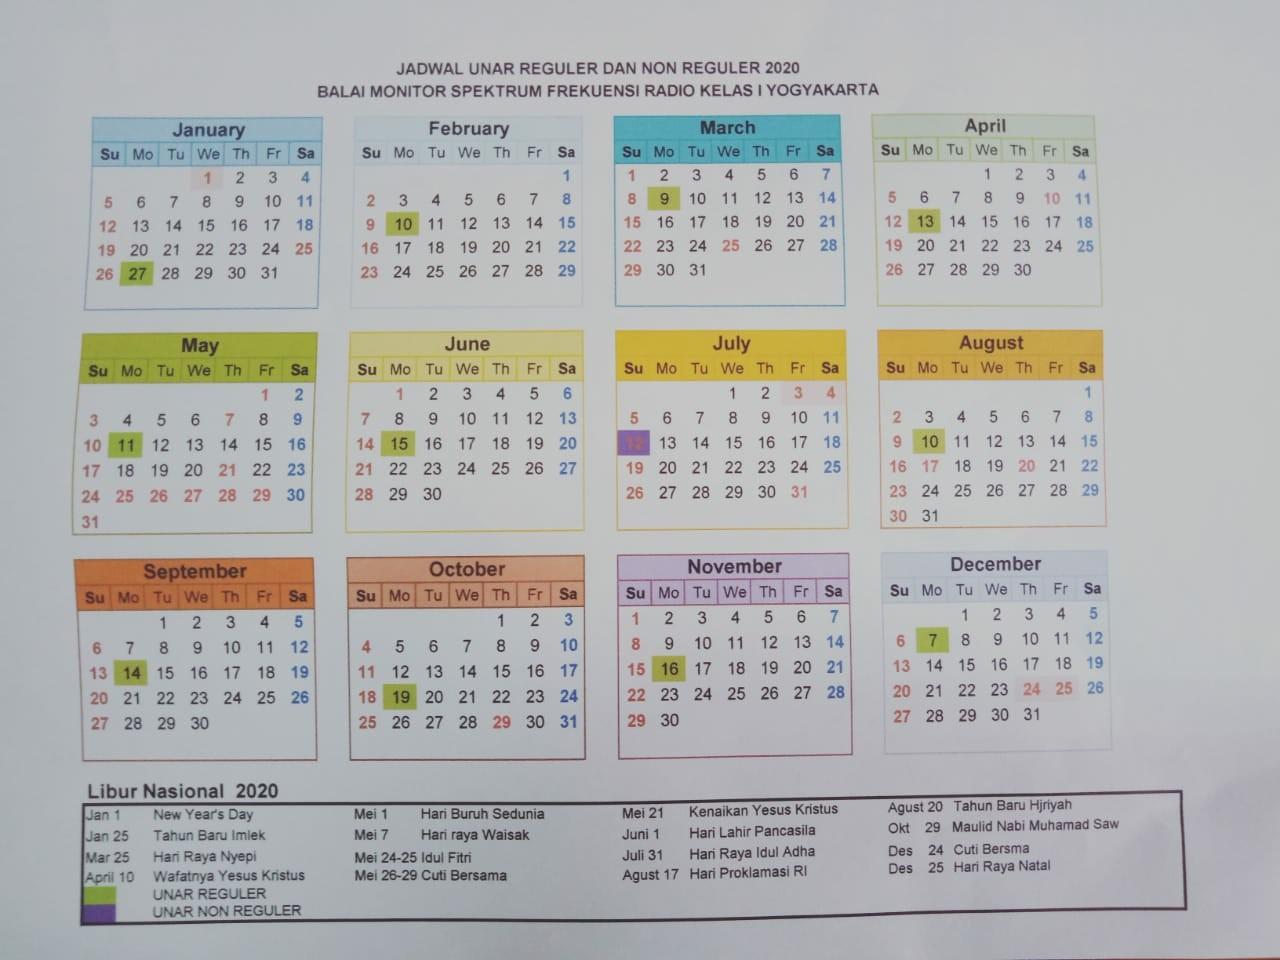 IMG-20200130-WA0004